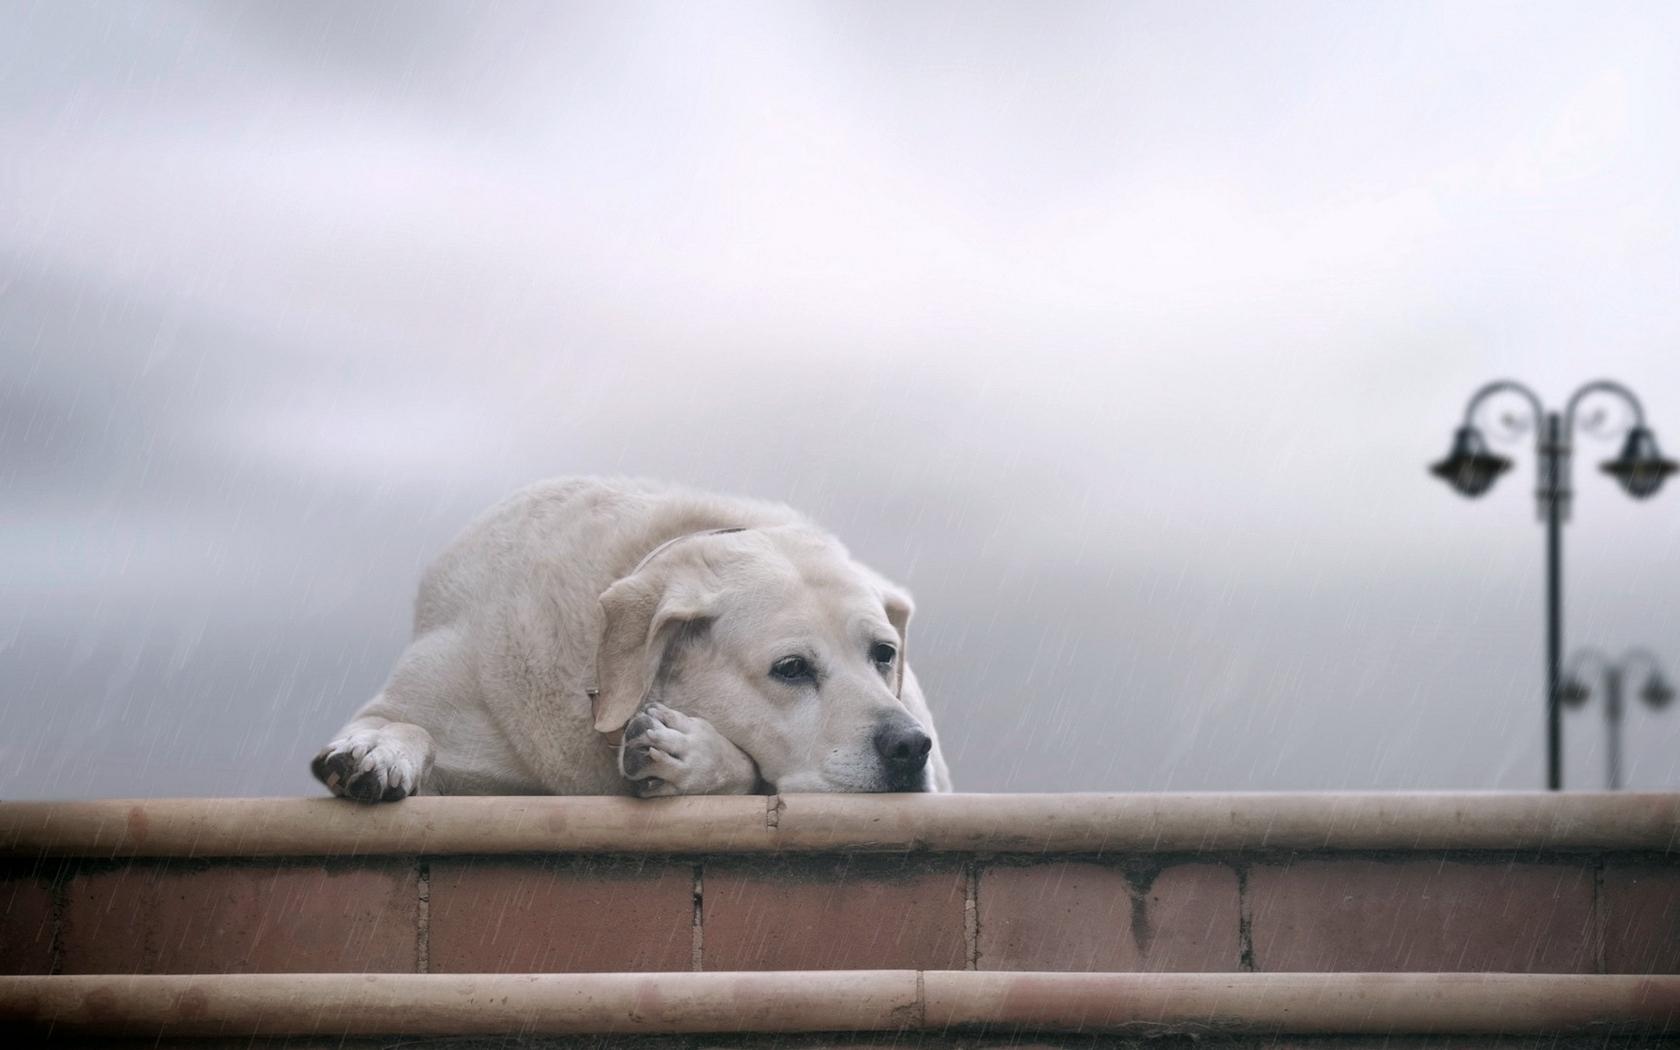 дождусь декабря, животные под фото цитаты области спины груди